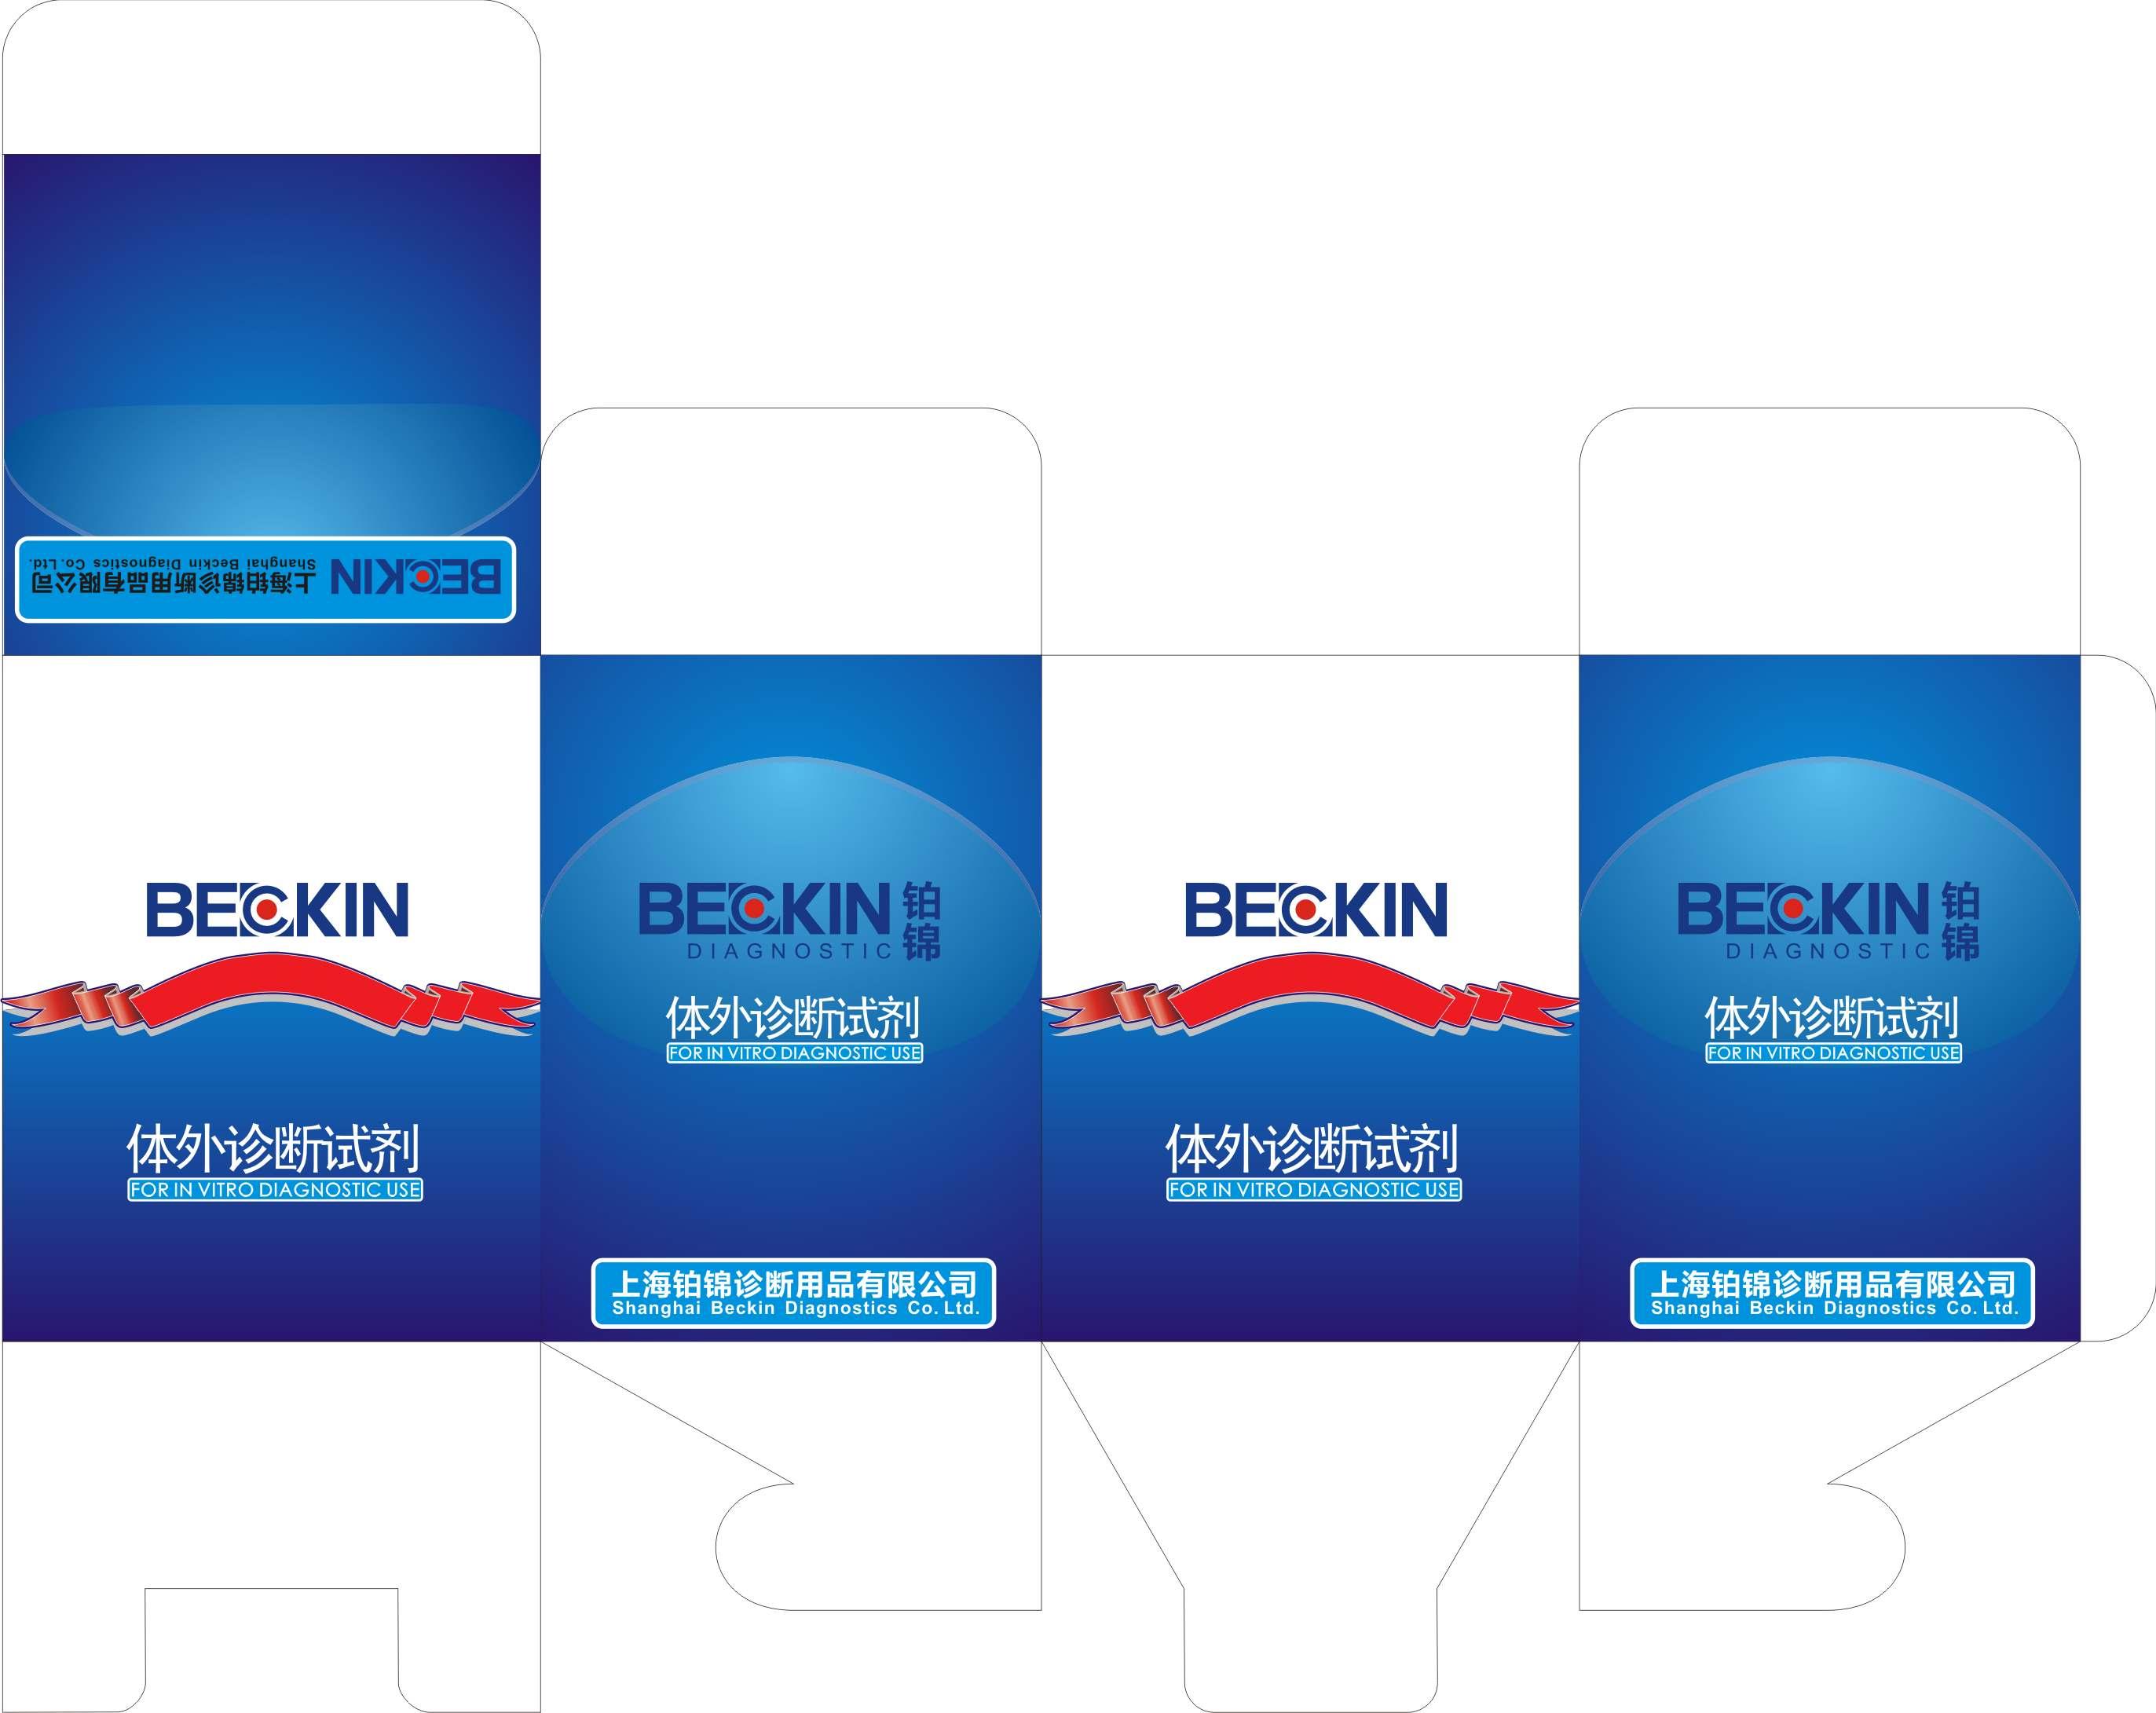 当然也可以提供欧式效果包装设计.如图示